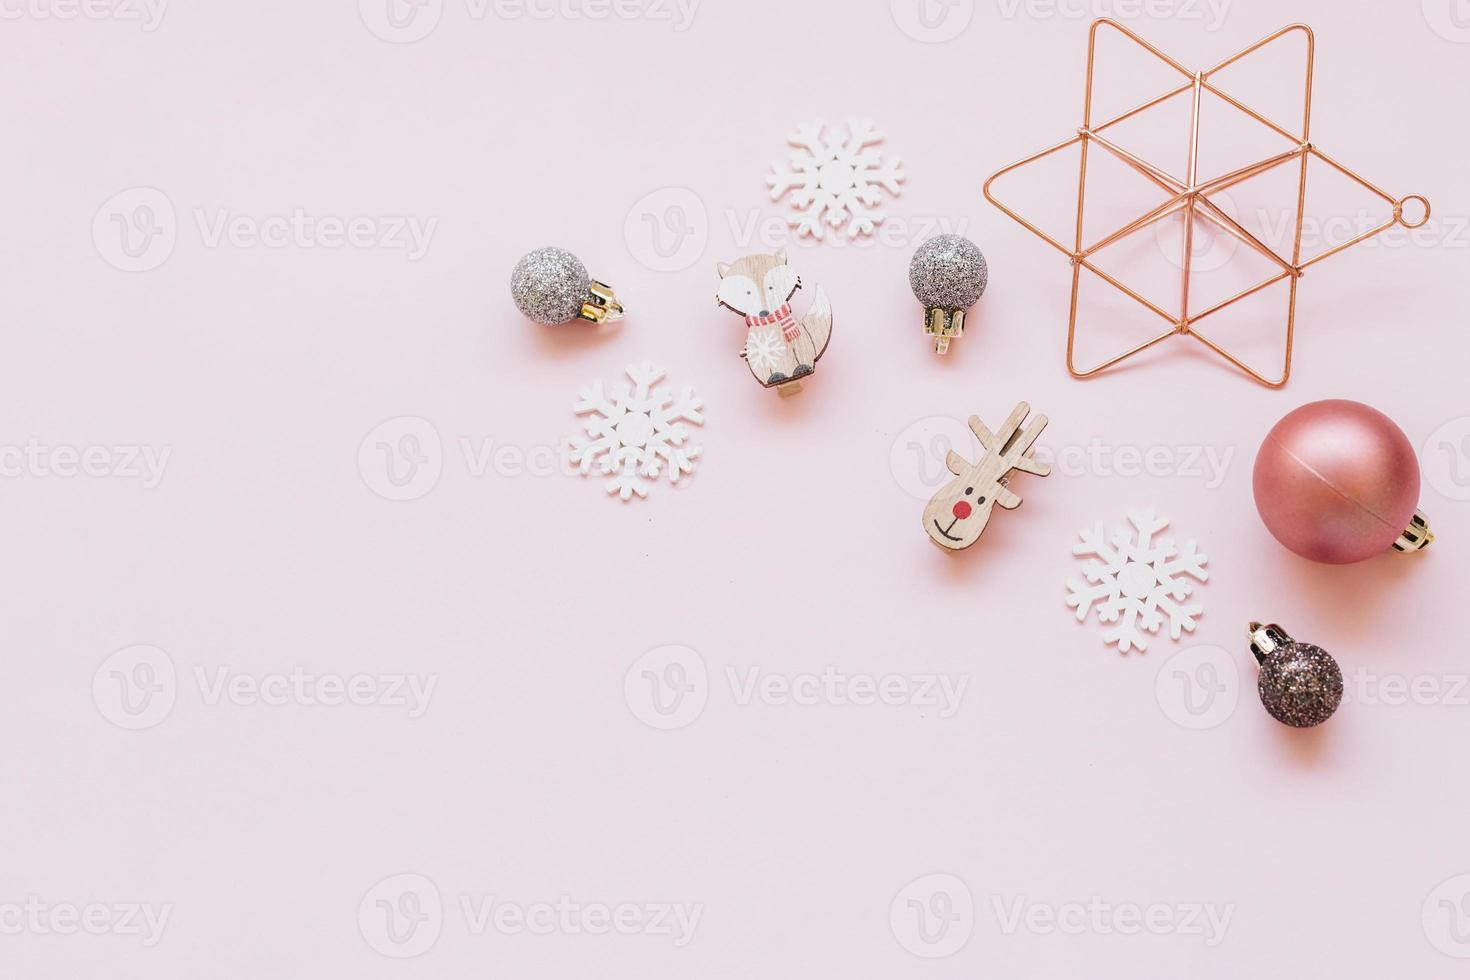 små julleksaker på rosa bord foto